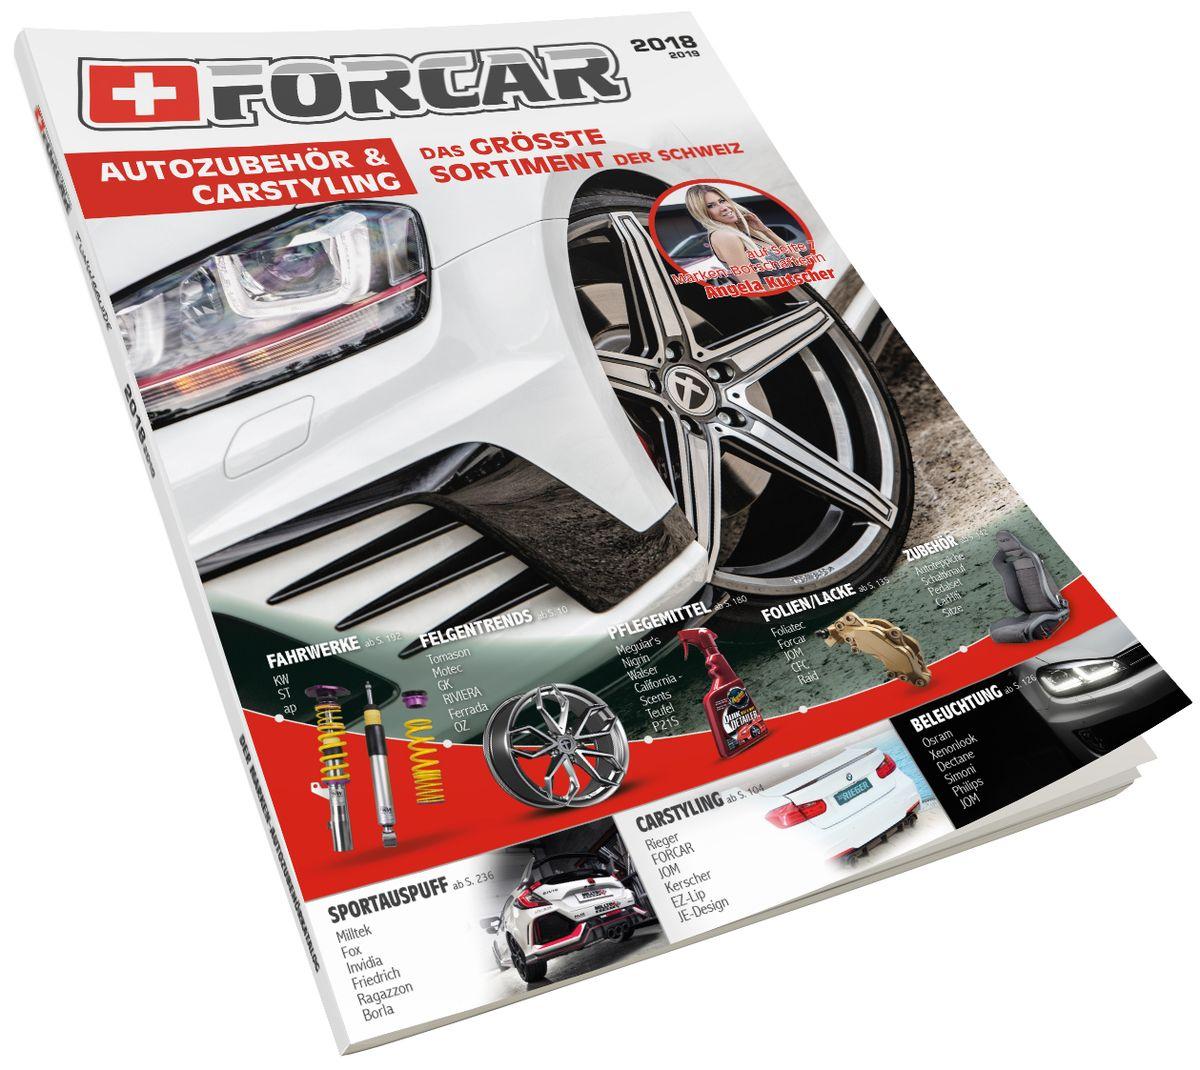 neuer katalog mit autozubeh r und carstyling shots magazin. Black Bedroom Furniture Sets. Home Design Ideas